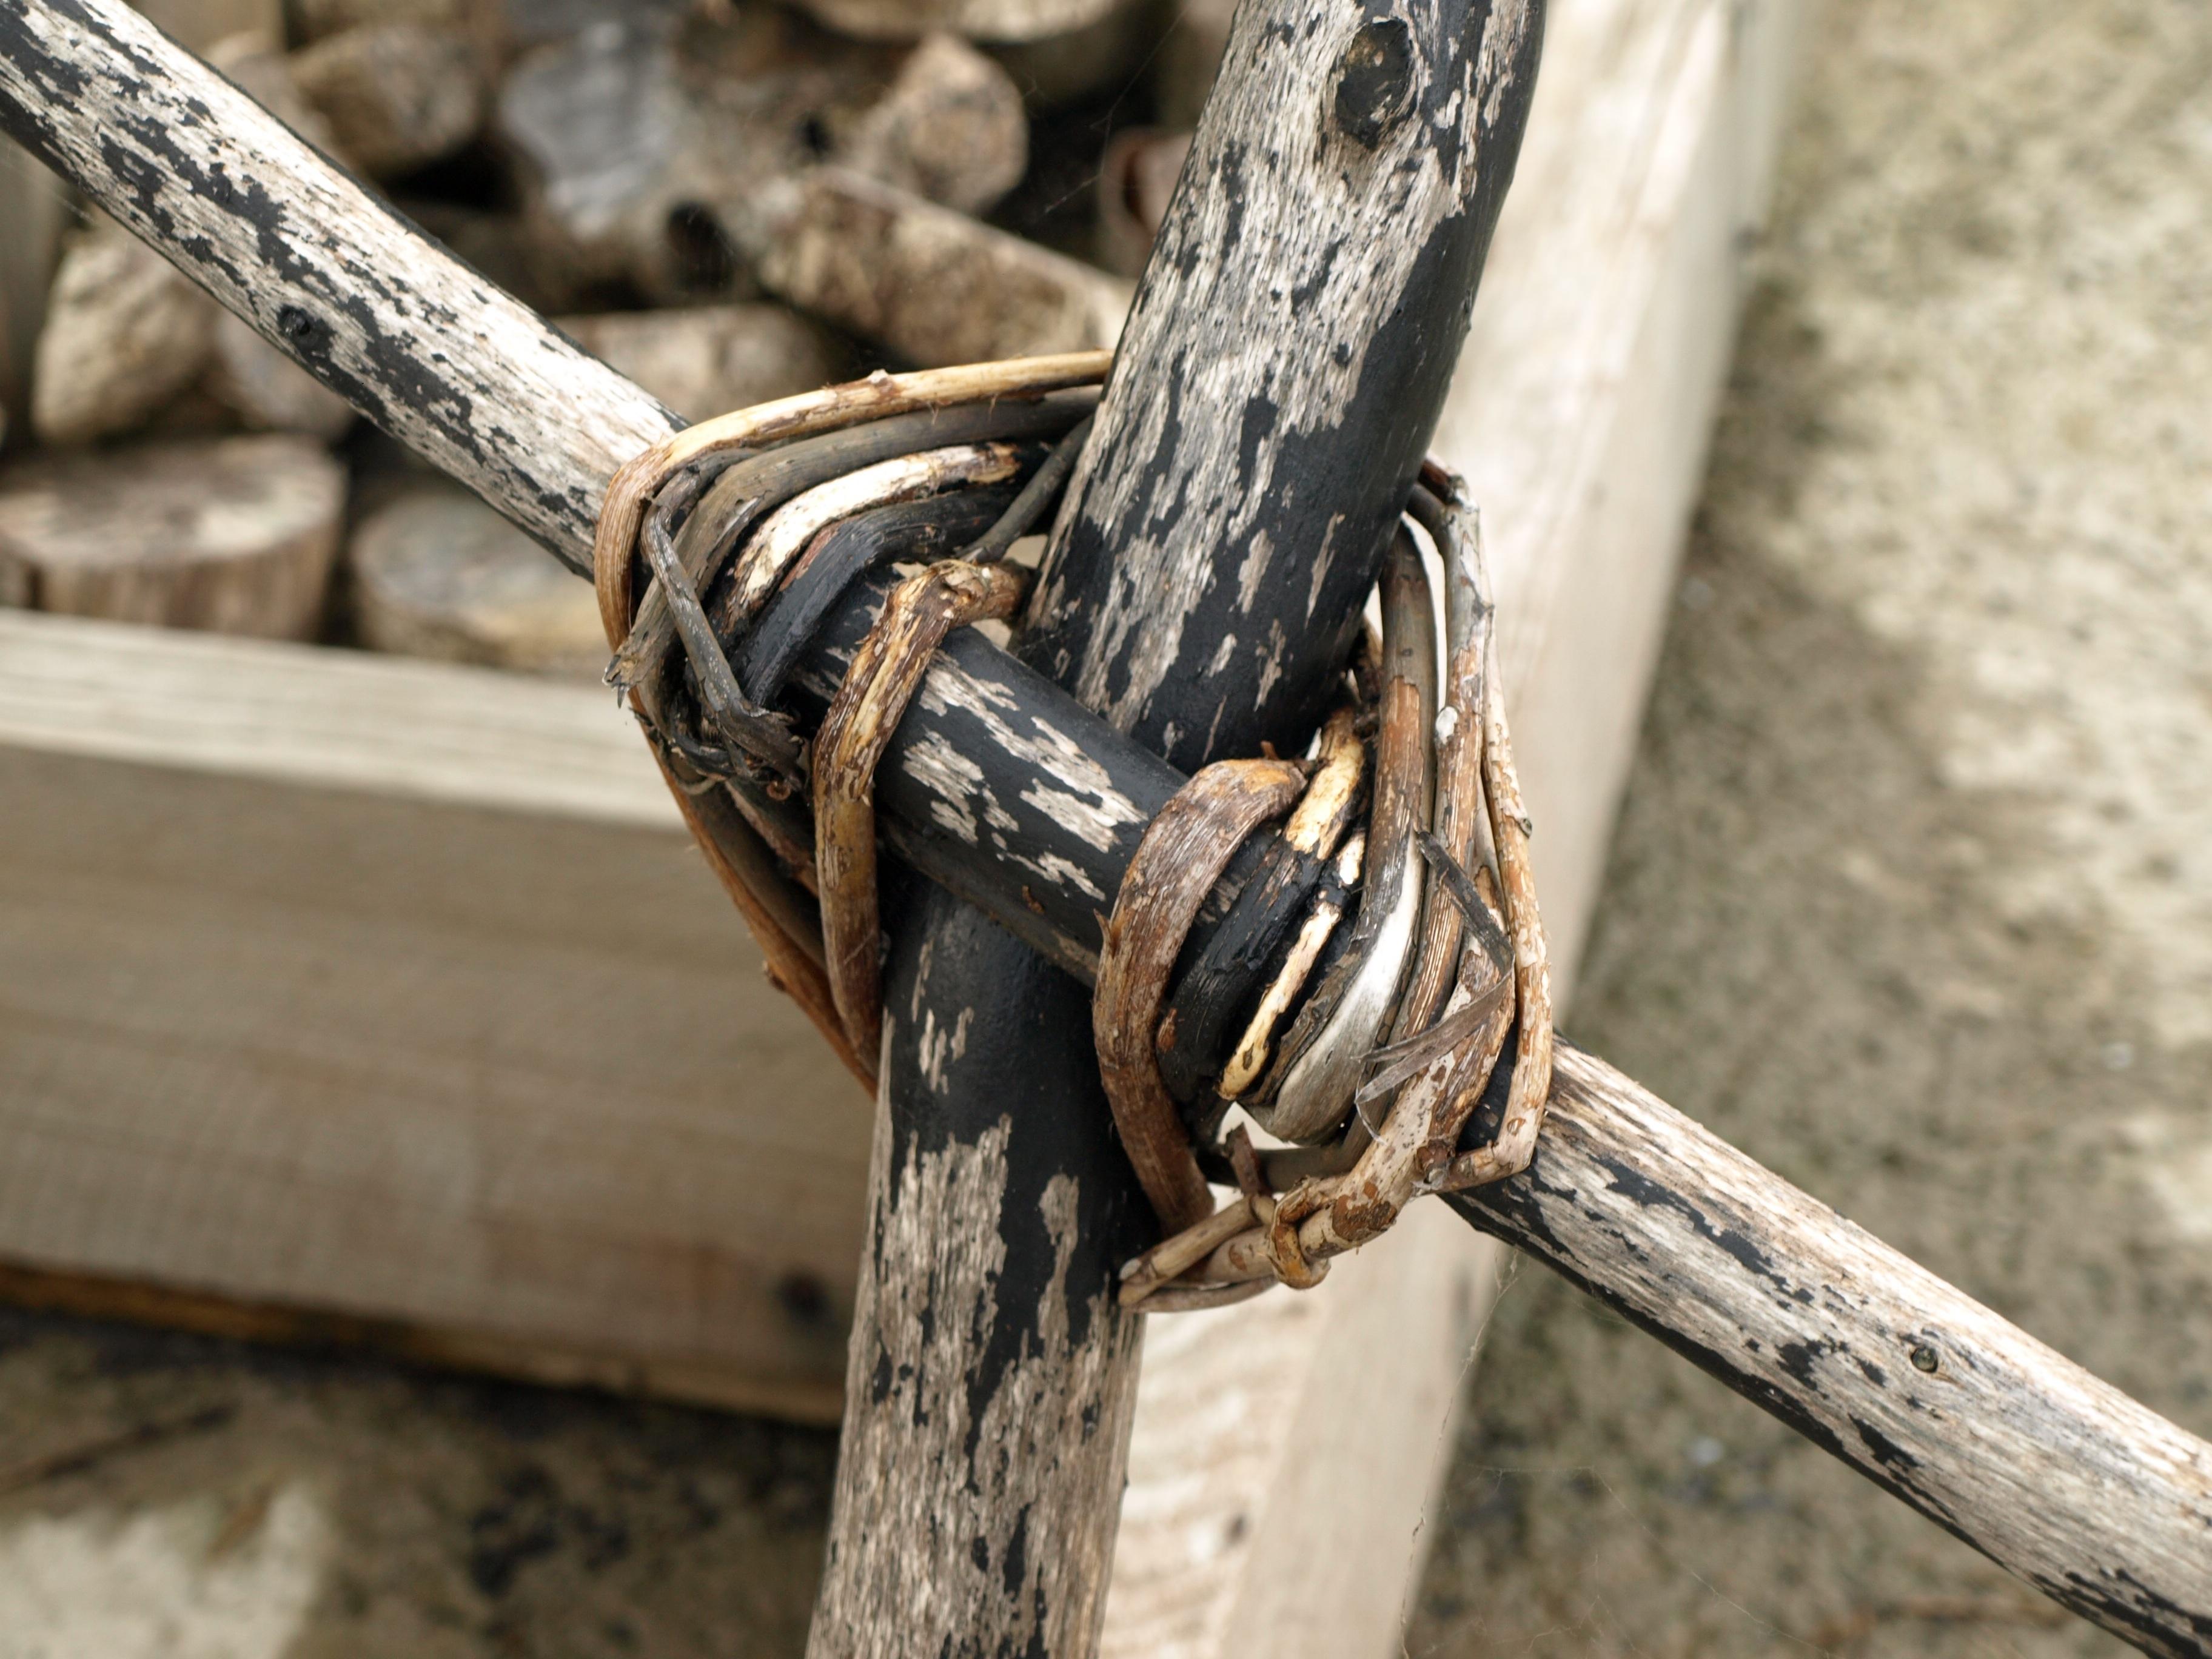 Kostenlose foto : Hand, Seil, Zaun, Holz, Rad, Kreuz, zusammen ...